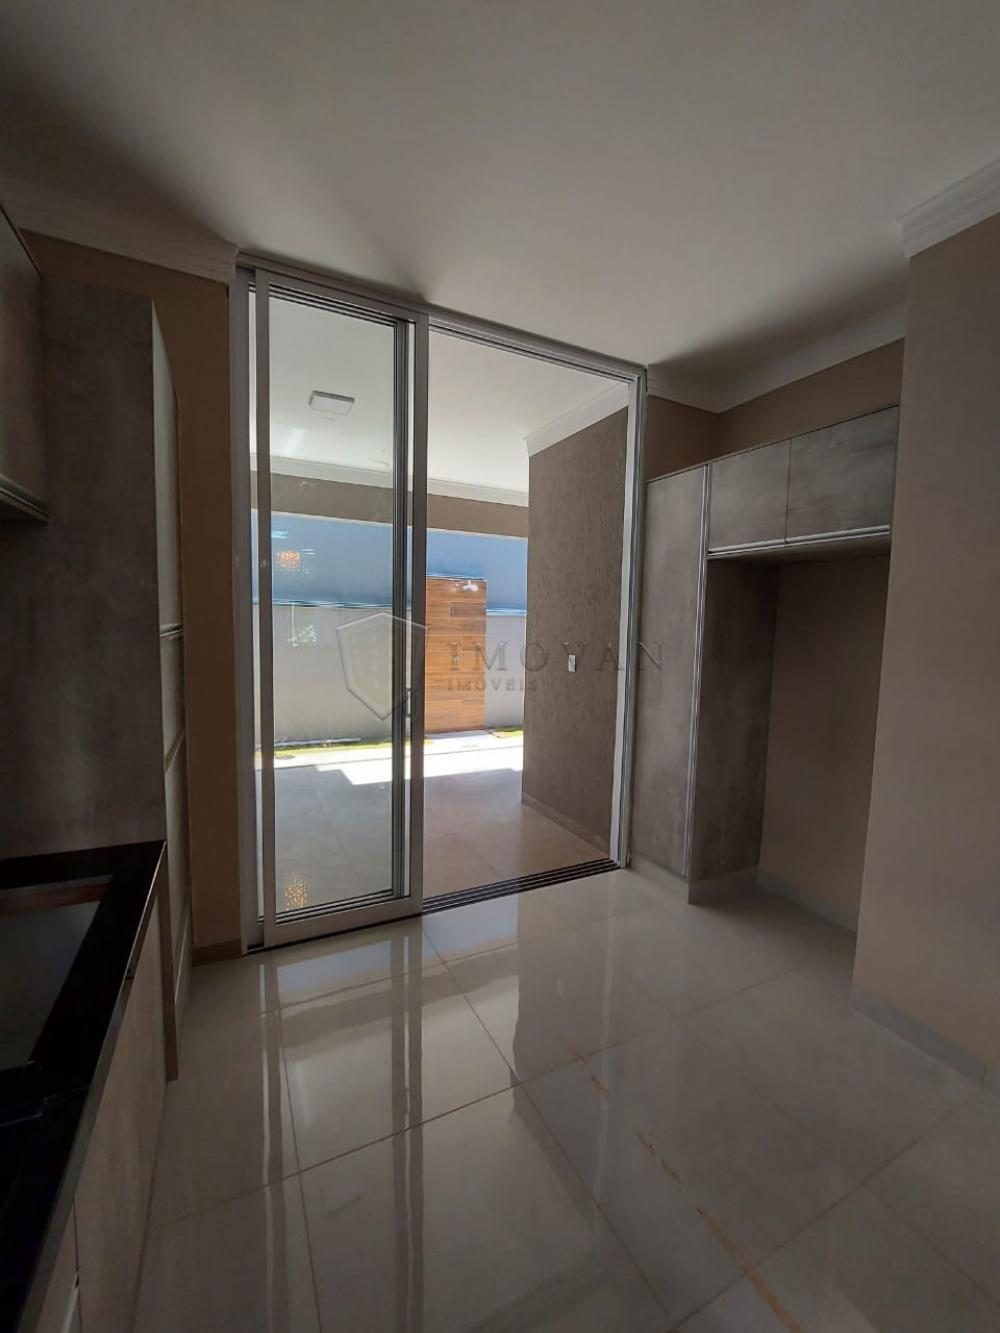 Comprar Casa / Condomínio em Bonfim Paulista R$ 850.000,00 - Foto 8